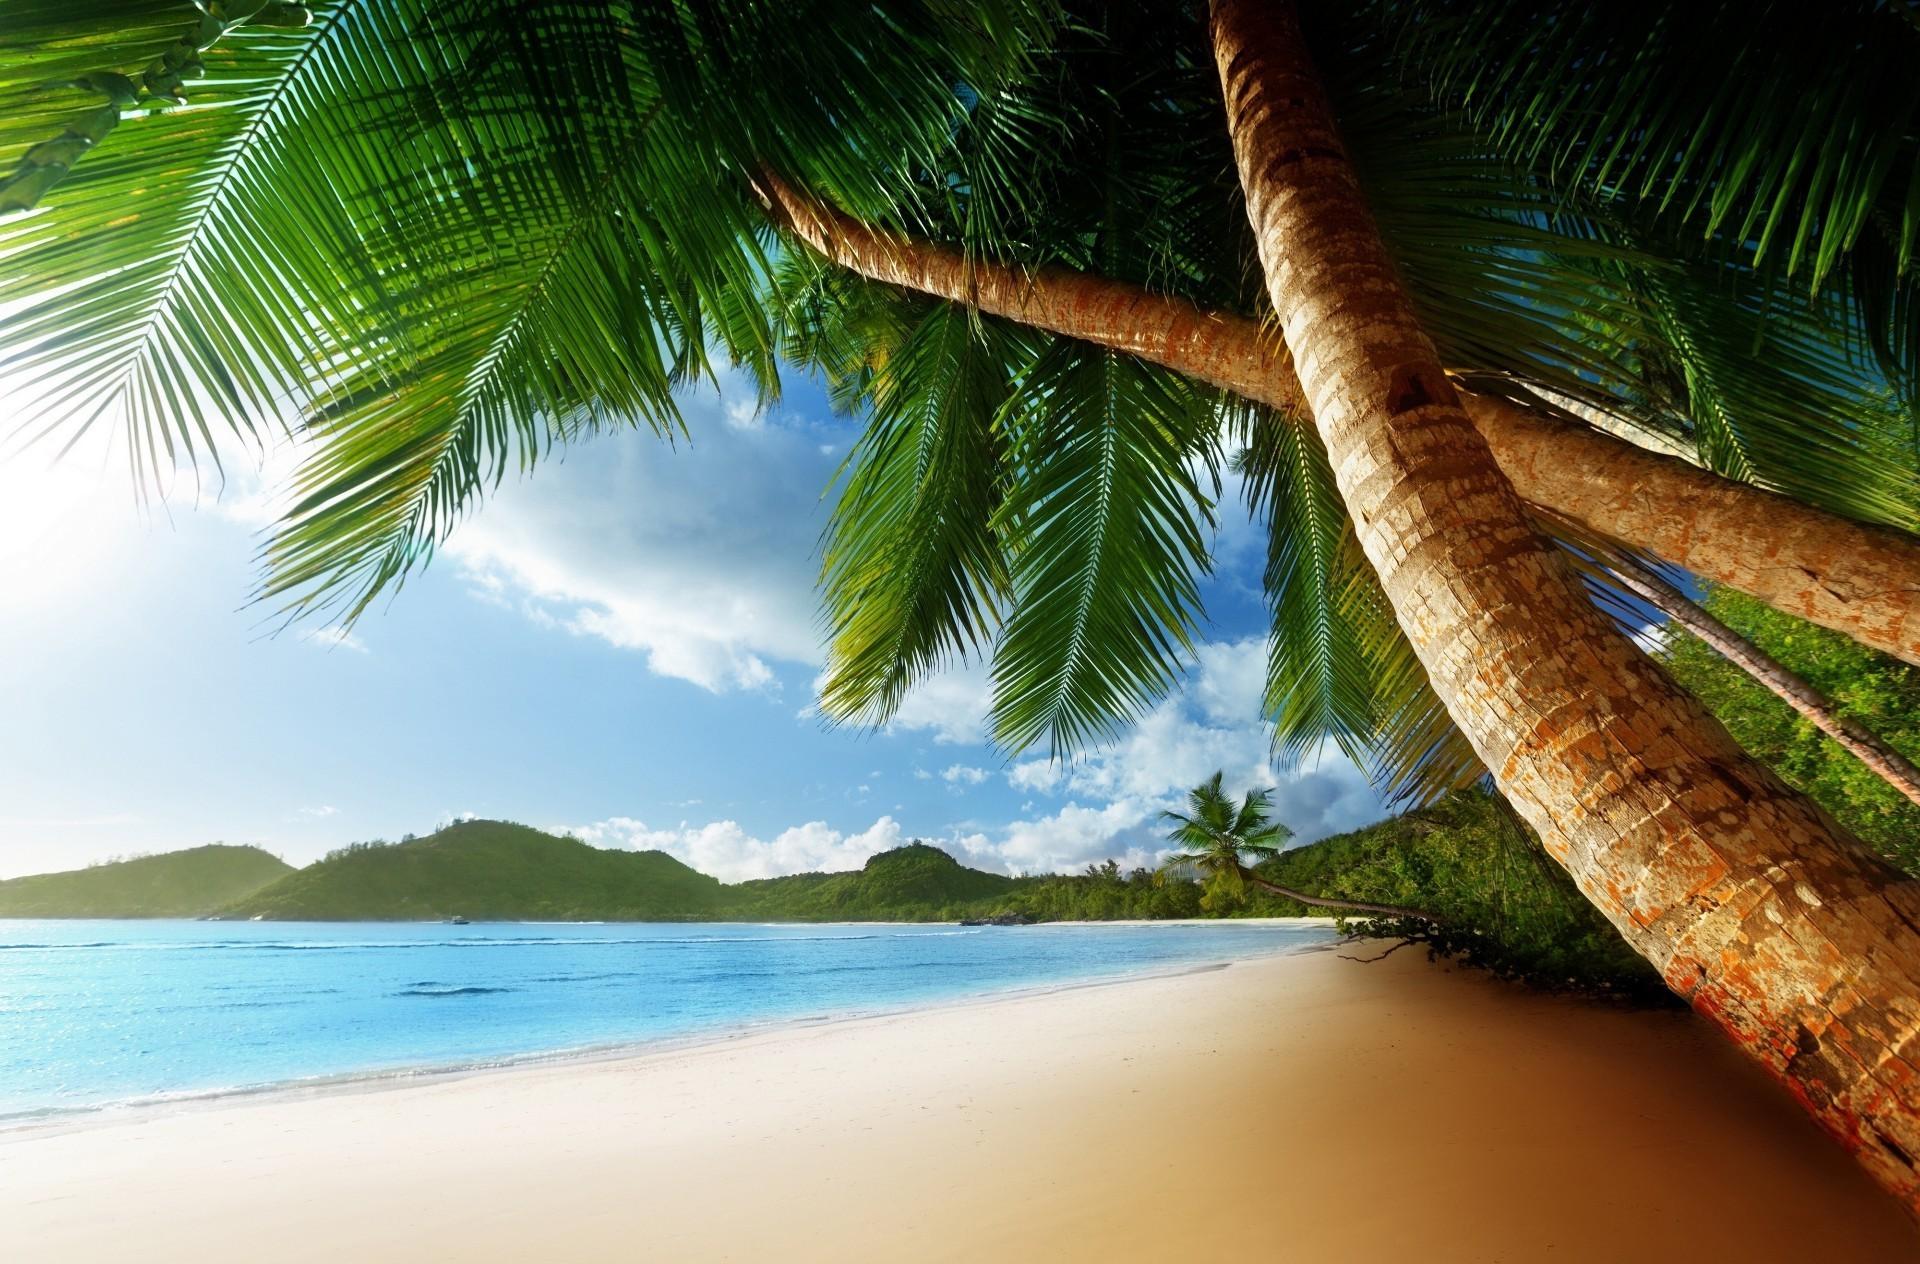 Картинка с надписью остров, день